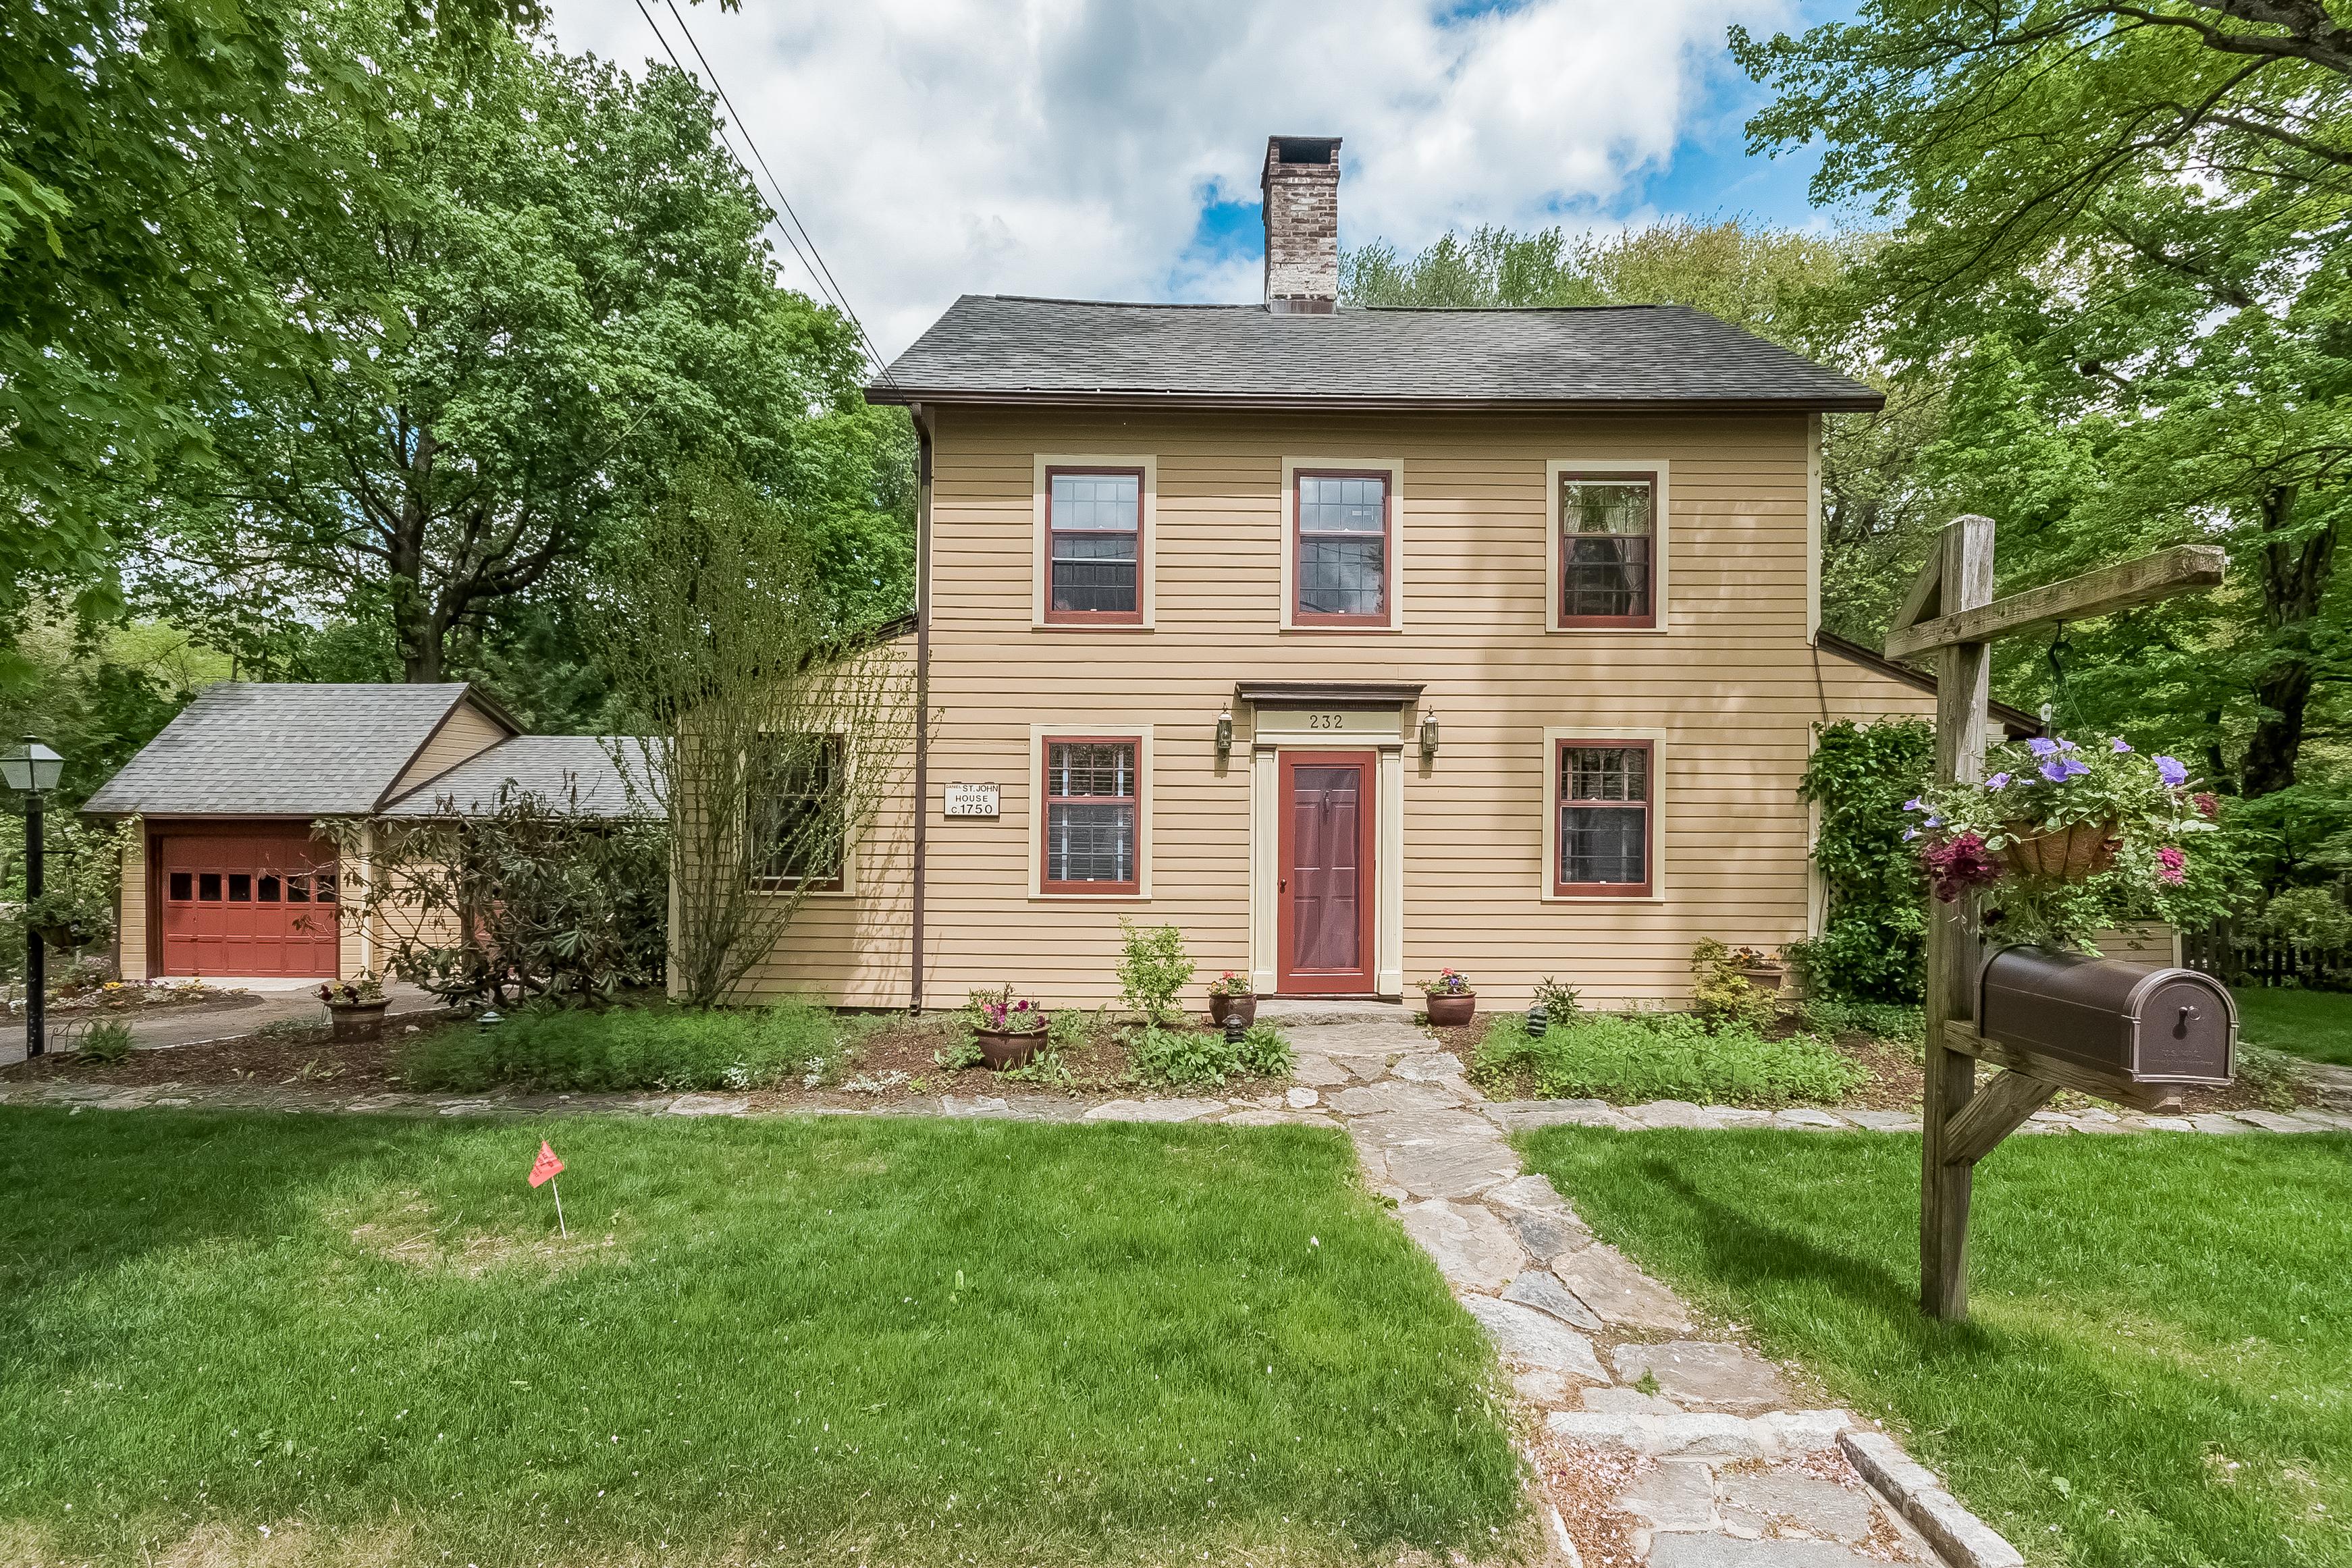 Частный односемейный дом для того Продажа на 232 Silvermine Avenue Silvermine, Norwalk, Коннектикут 06850 Соединенные Штаты